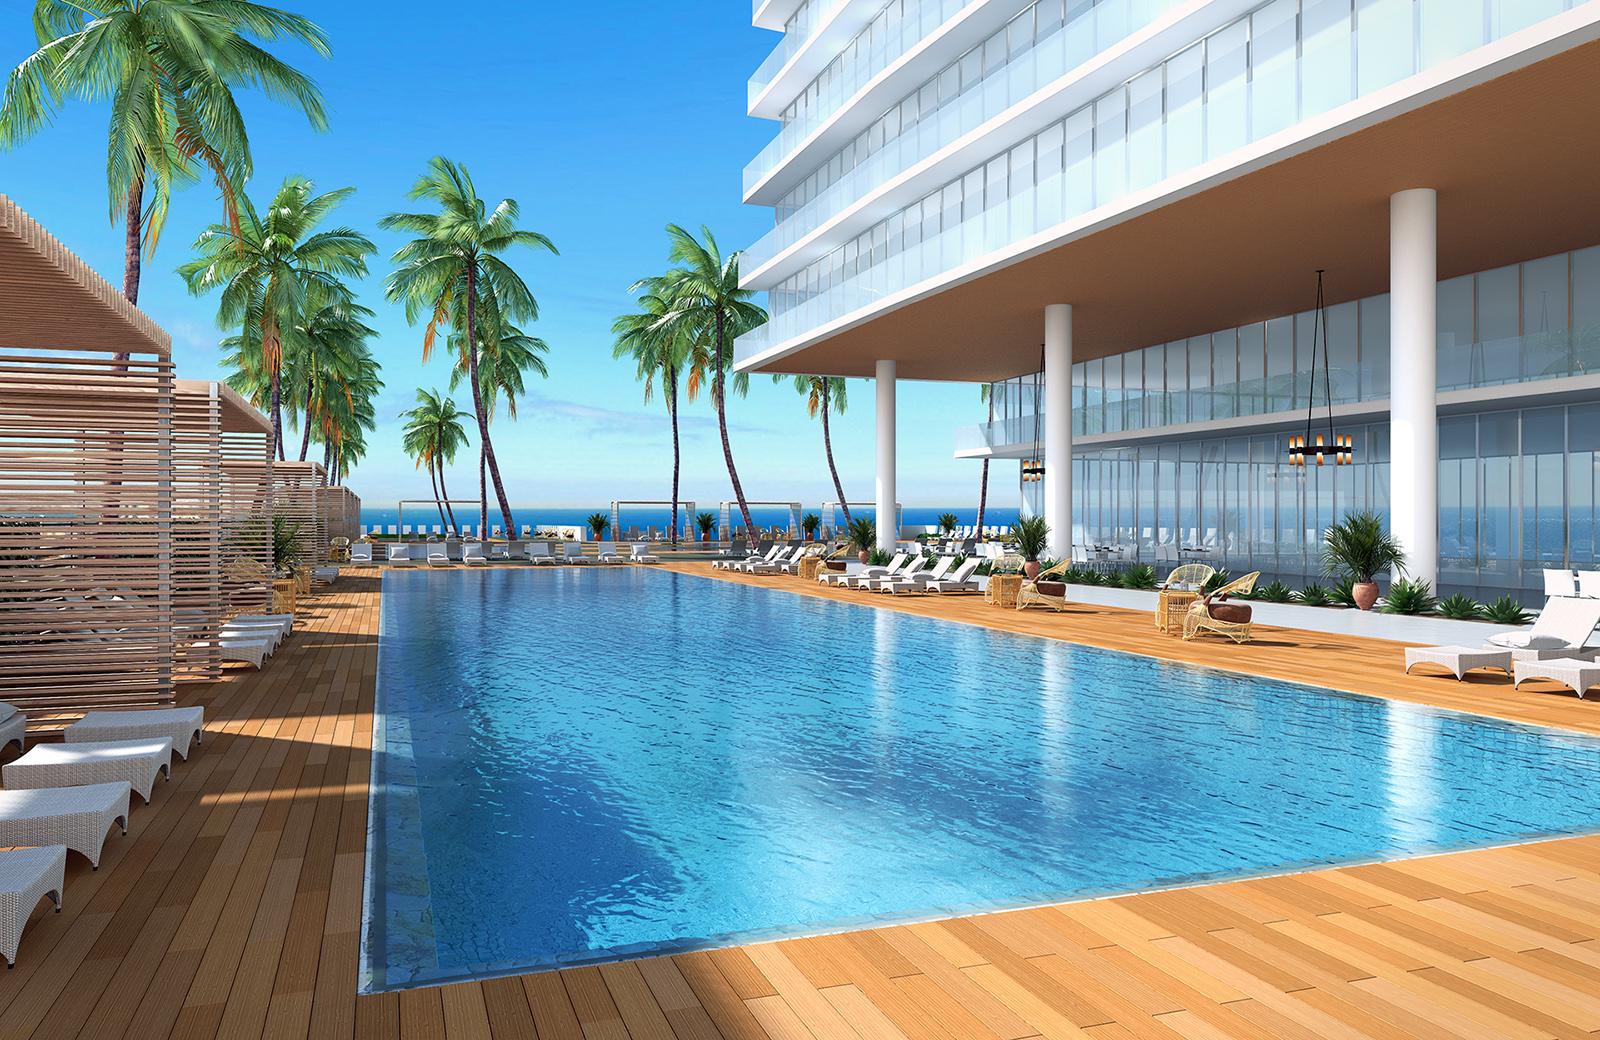 Sunny Pool Deck Rendering